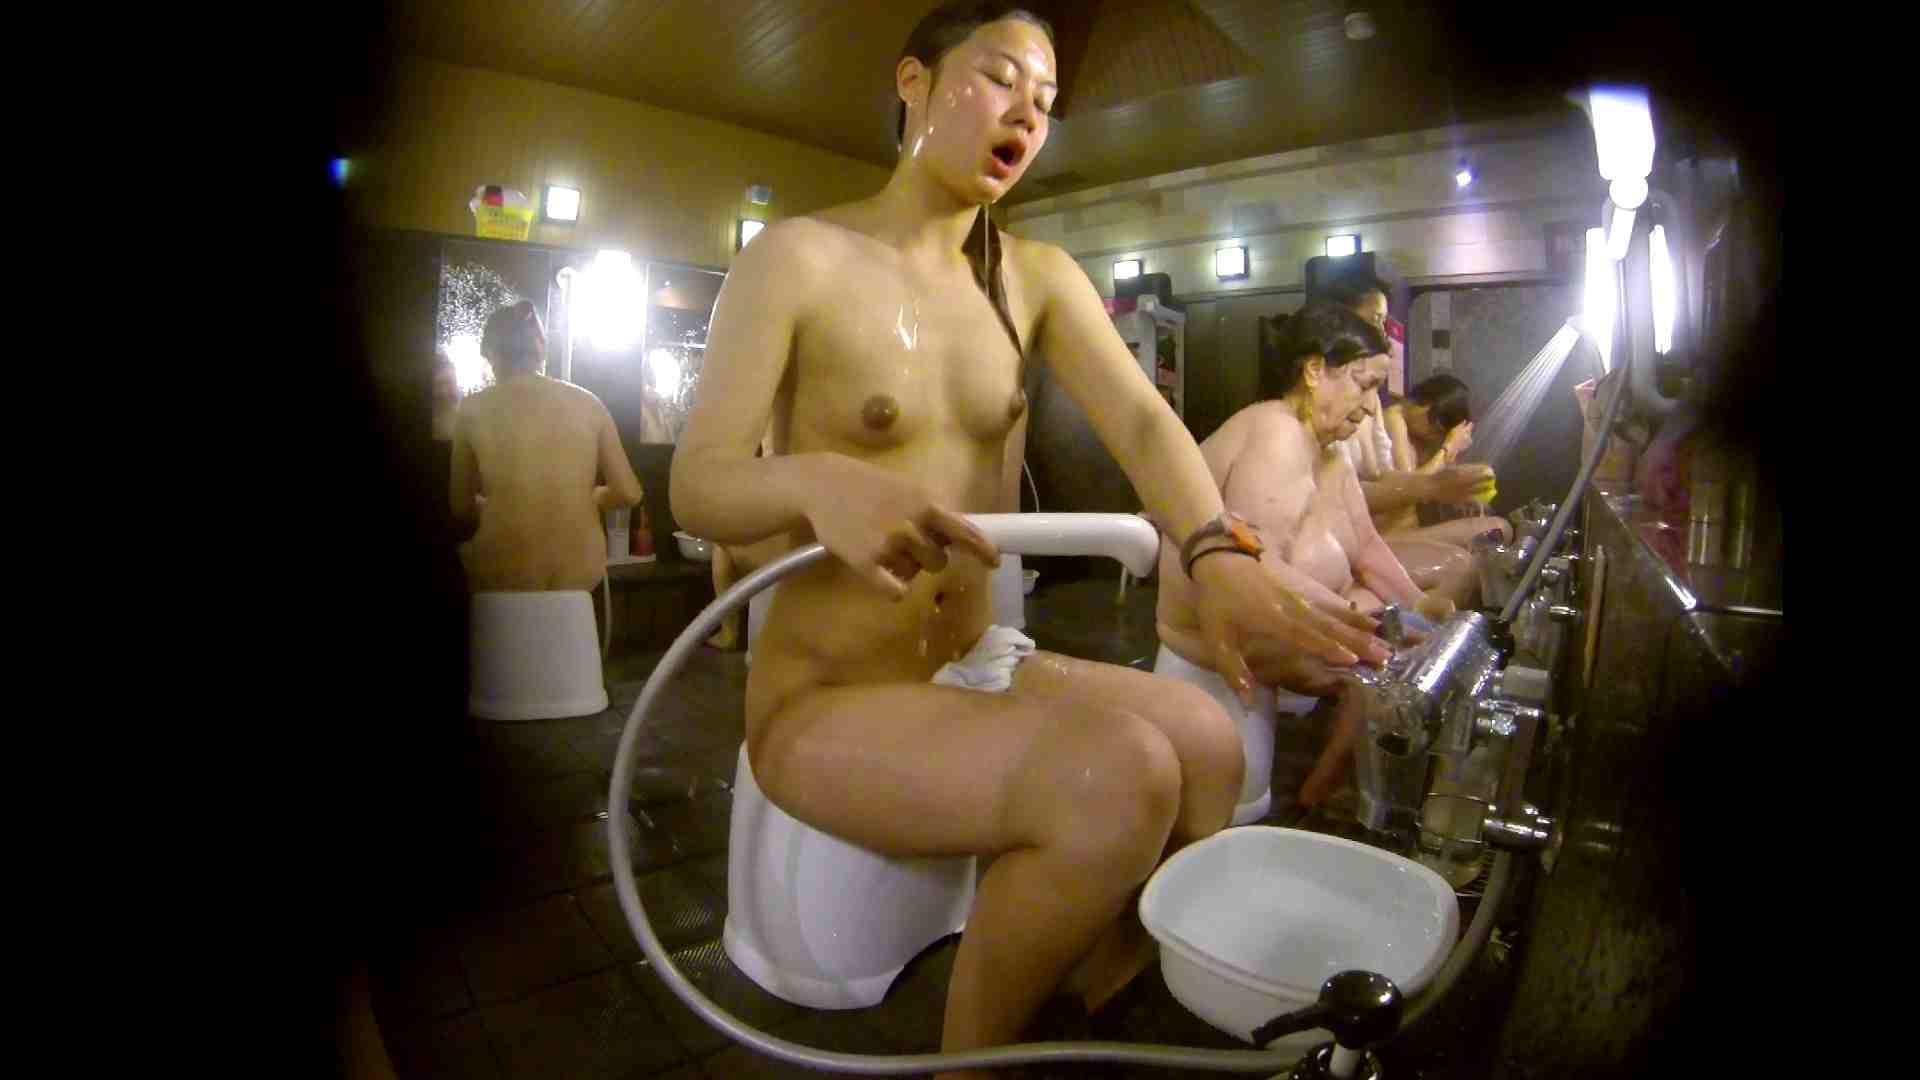 追い撮り!脱衣~洗い場、徹底追跡!撮り師さんに拍手!! 追跡  67PIX 29